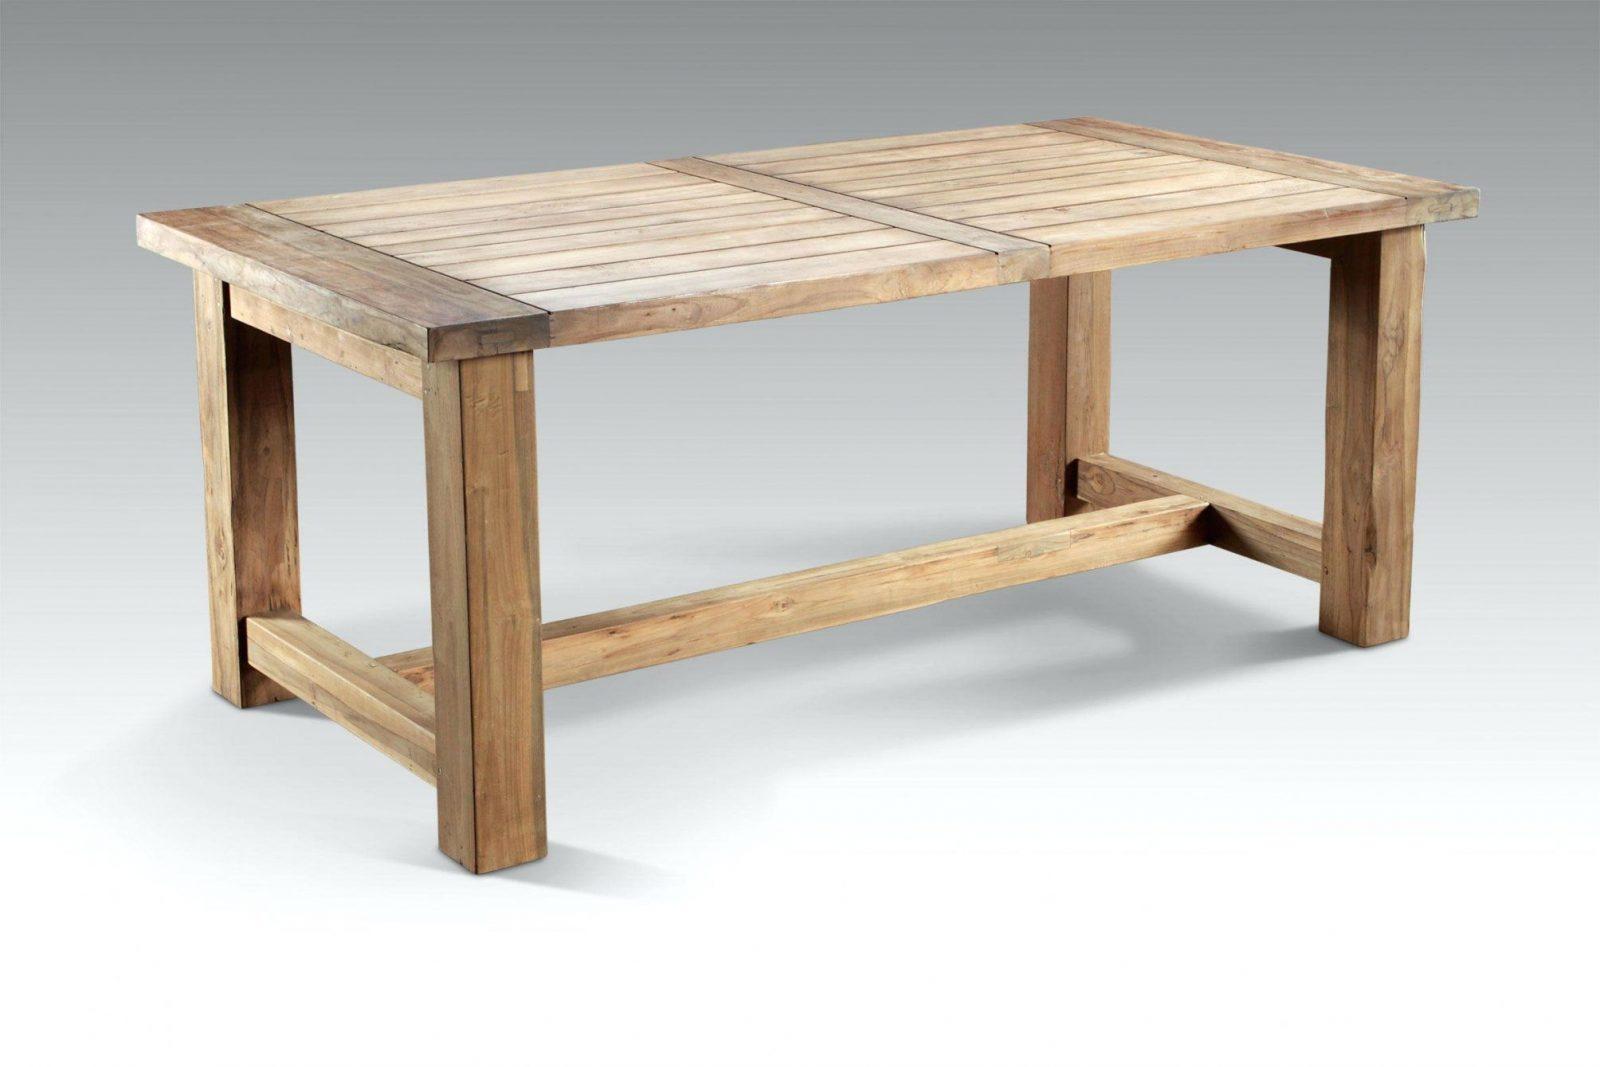 Gartentisch Selbst Bauen Holztisch Selber Nauhuricom Tischplatte von Esstisch Aus Paletten Selber Bauen Anleitung Bild